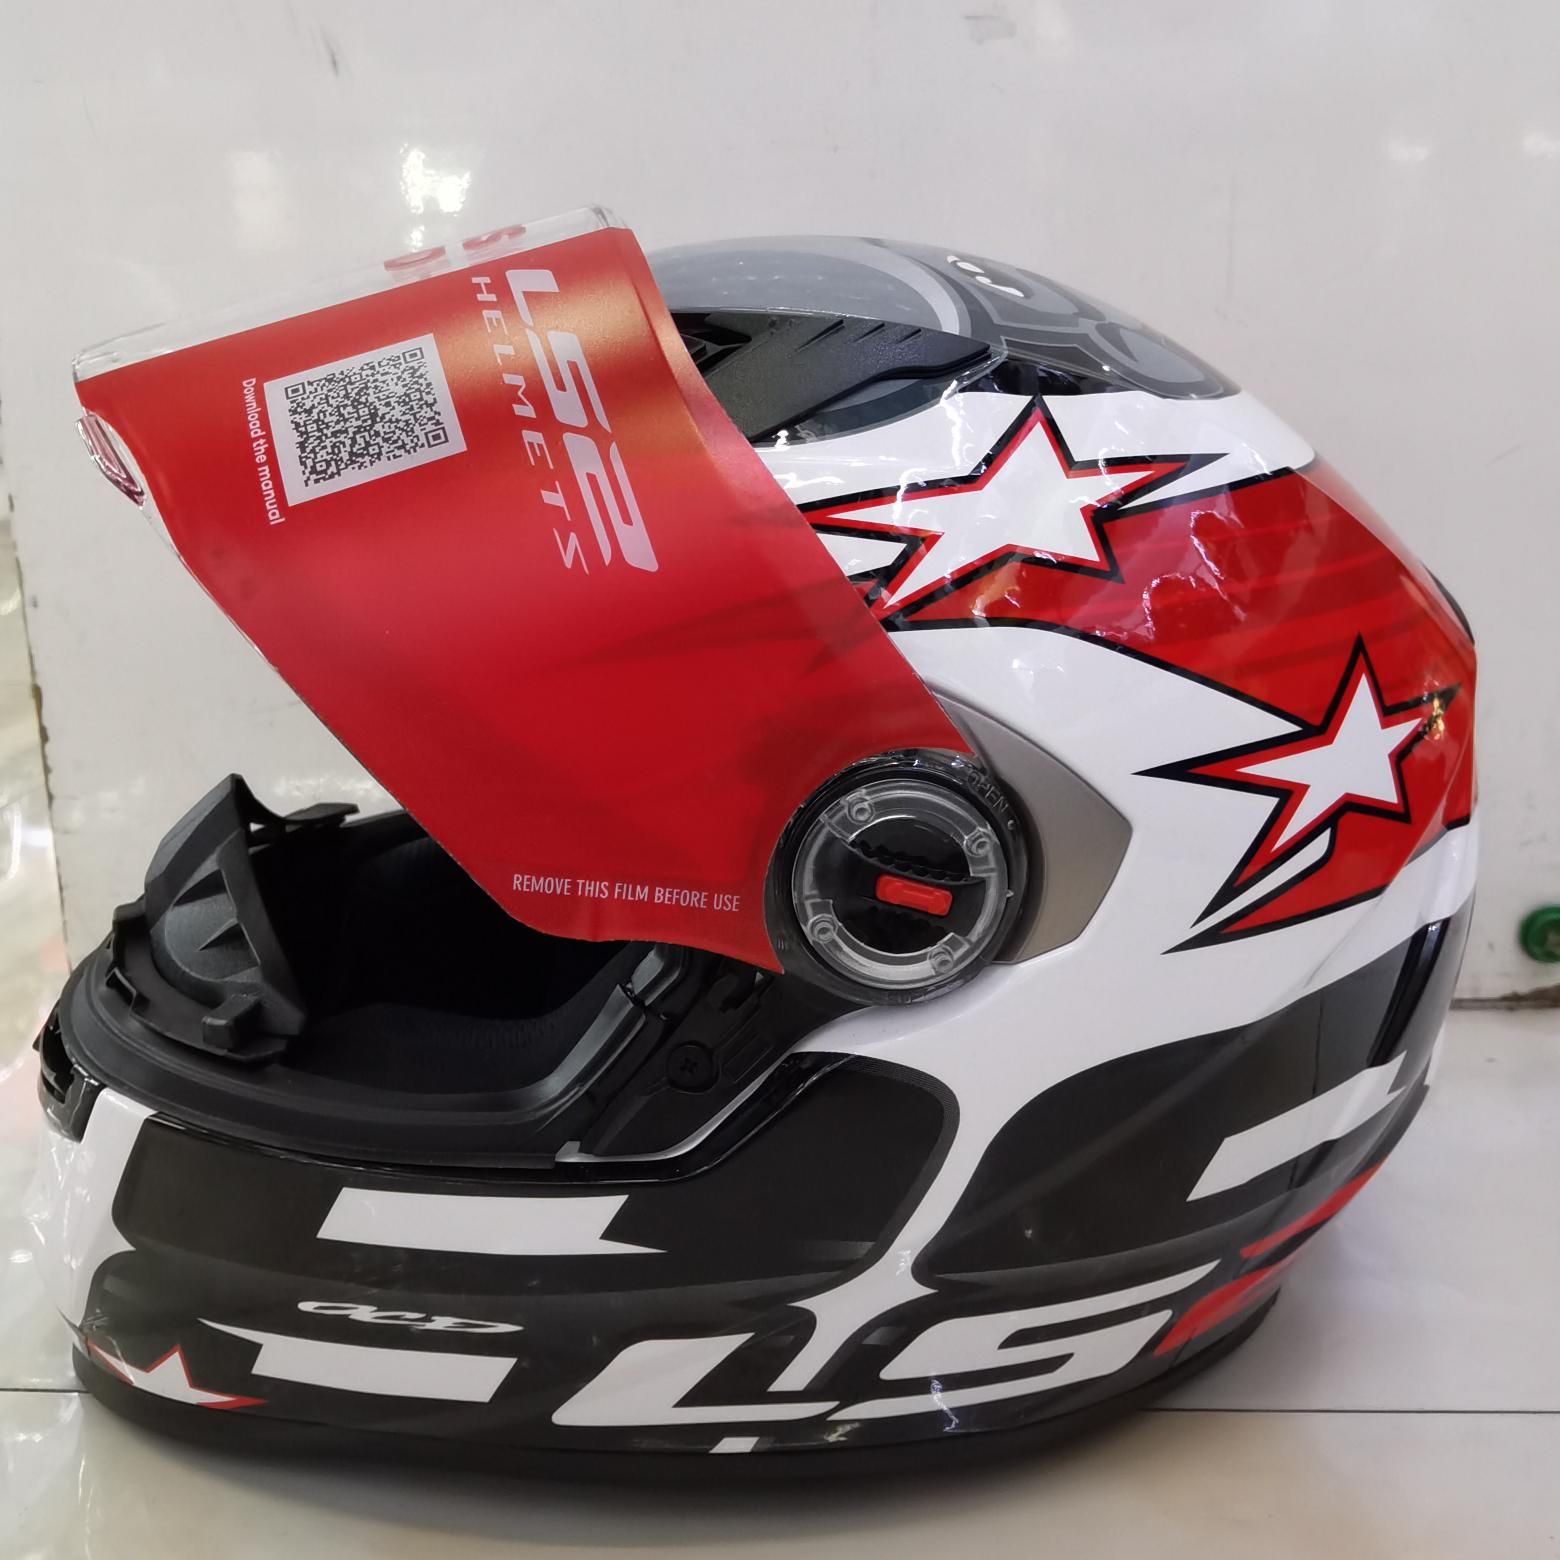 新款摩托车安全头盔机车电动车骑行专用头盔男女款跑盔防水透气轻便保暖四季款全覆式头盔